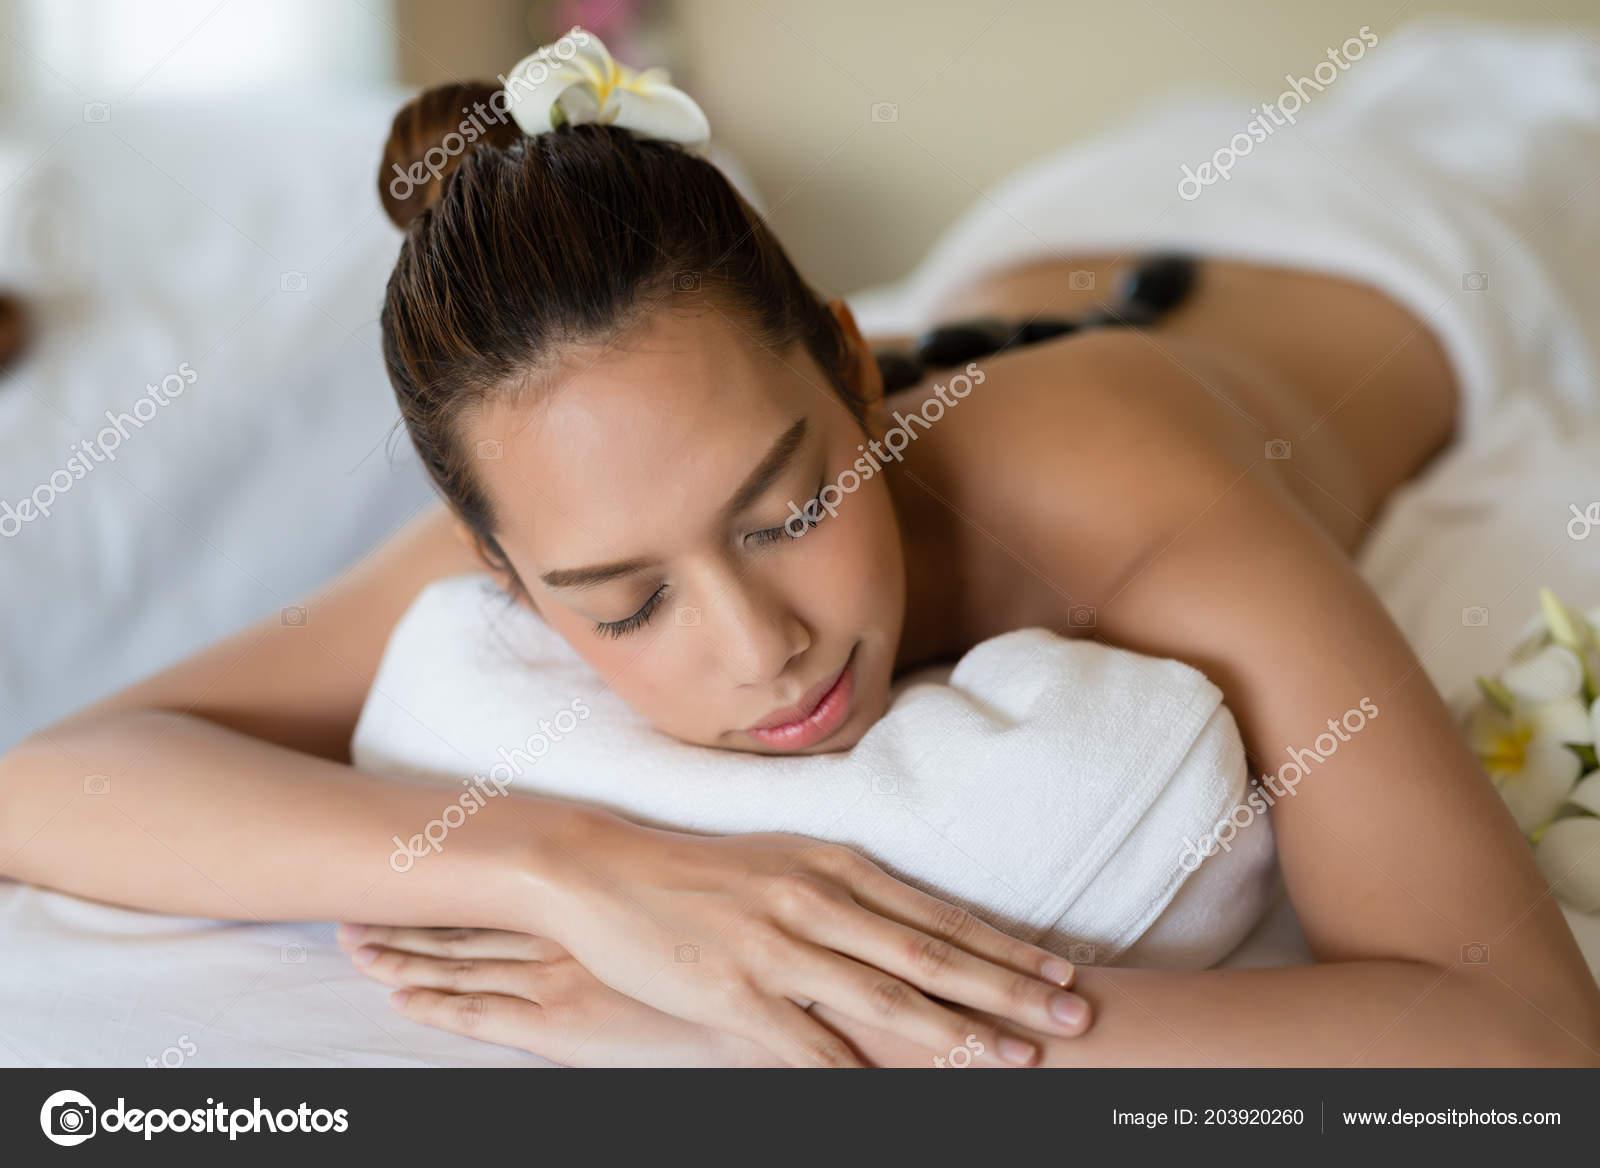 Cebu erotic sexy girl nude